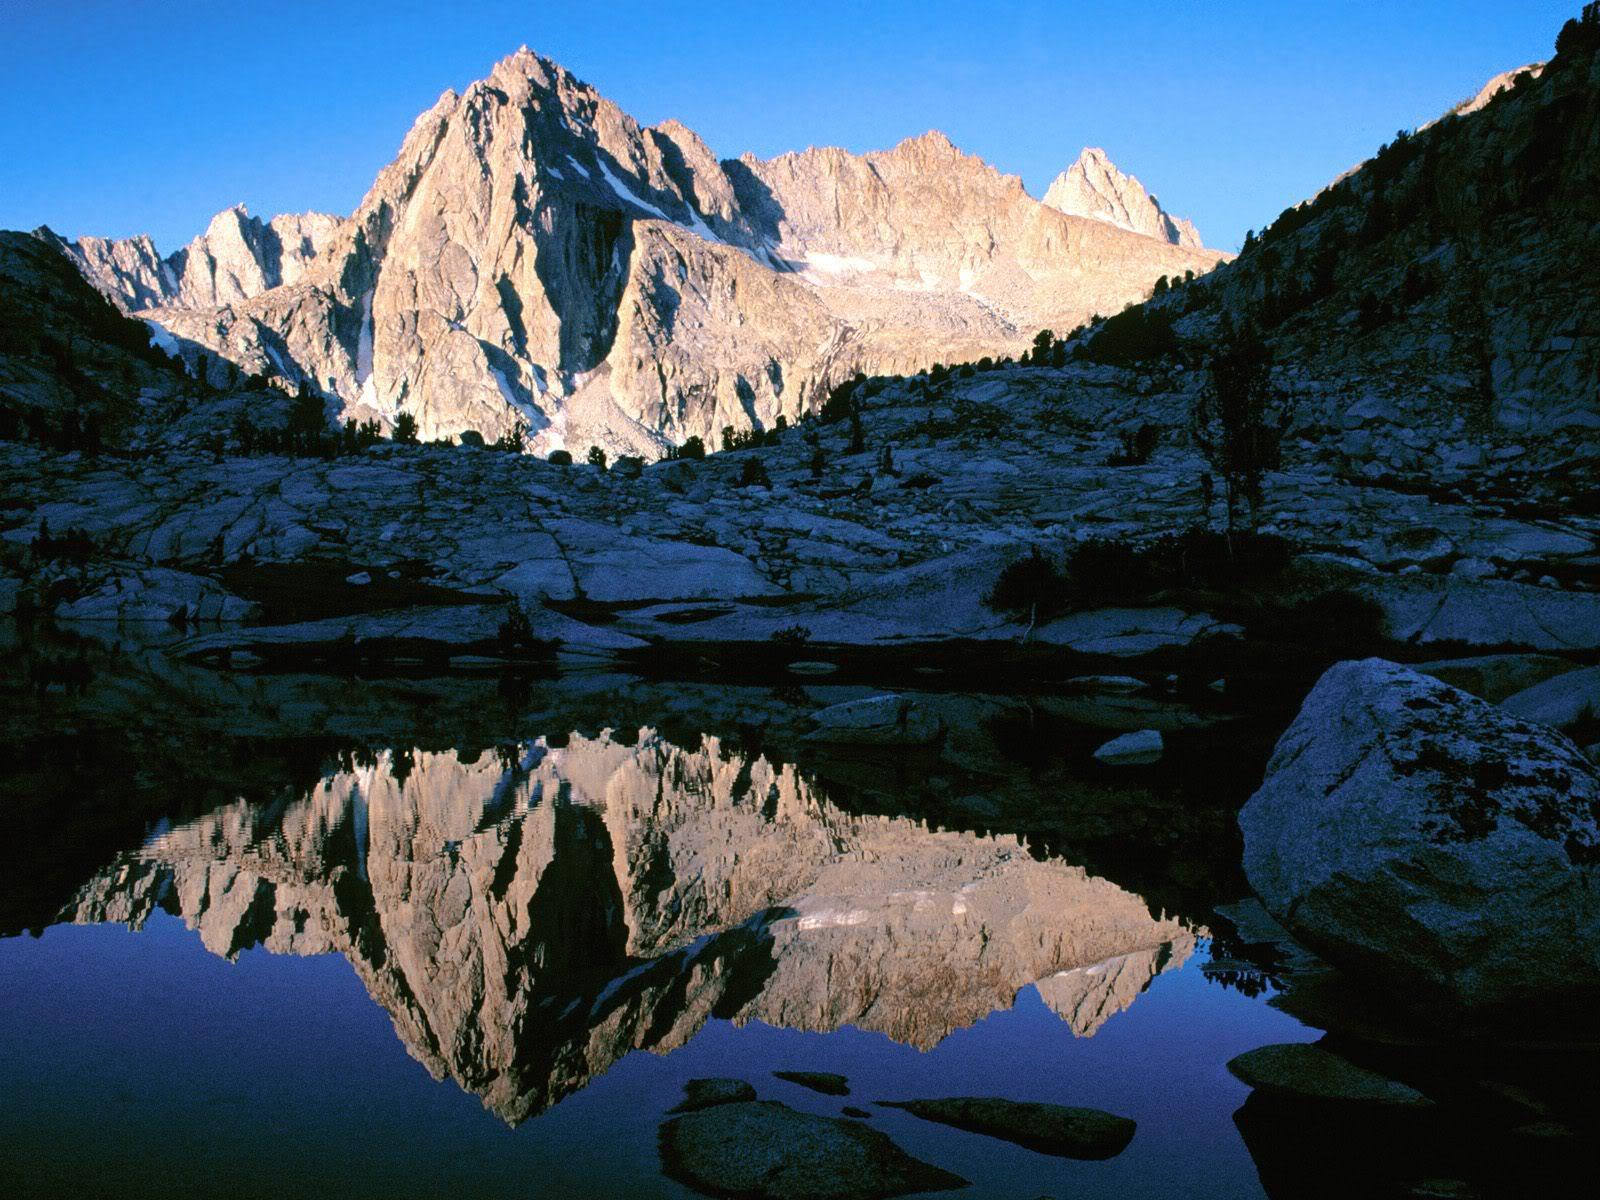 அழகு மலைகளின் காட்சிகள் சில.....02 - Page 22 PicturePeakJohnMuirWilderness